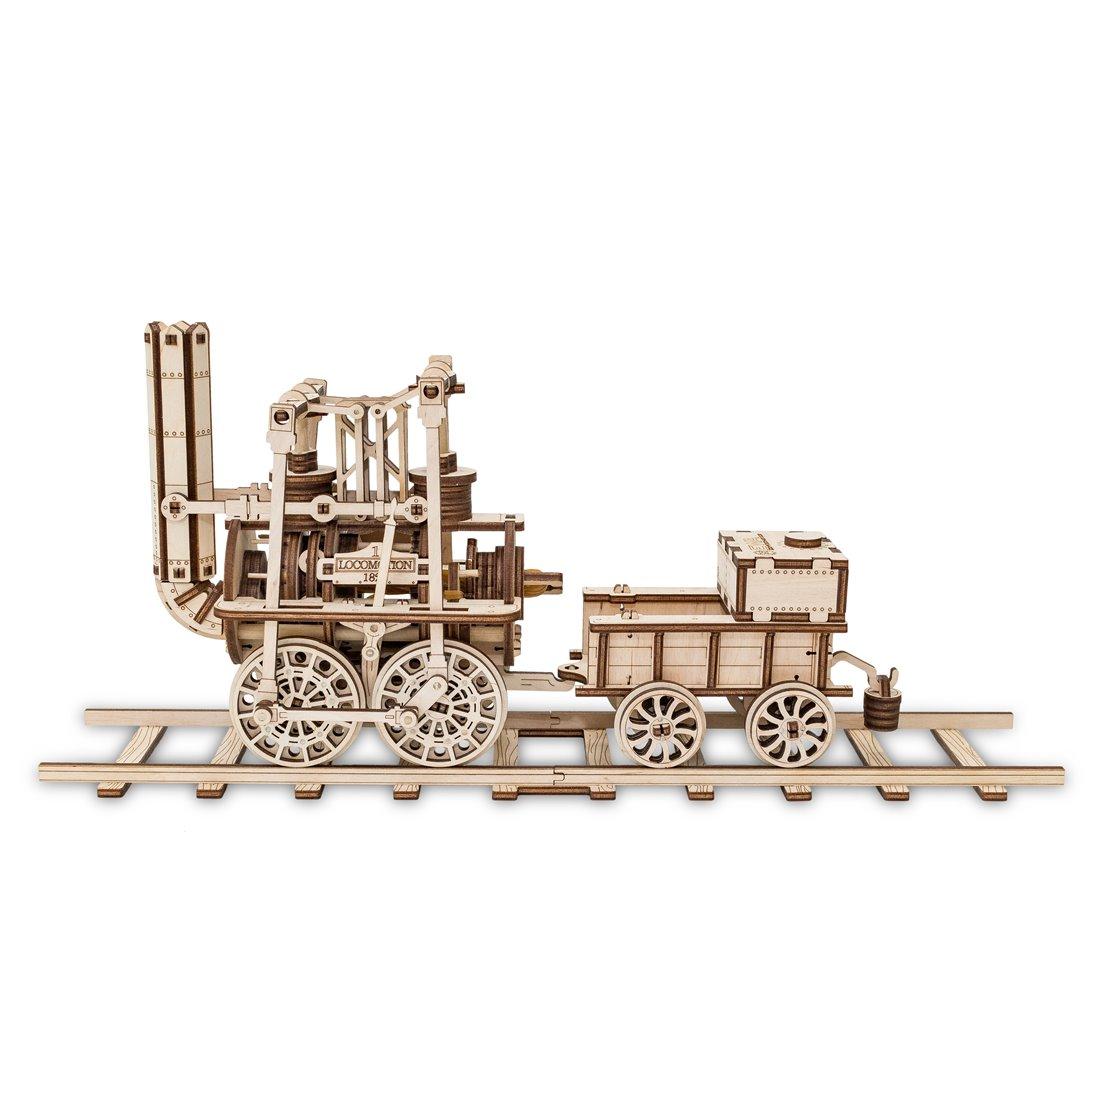 Kit locomotiva in legno pretagliato